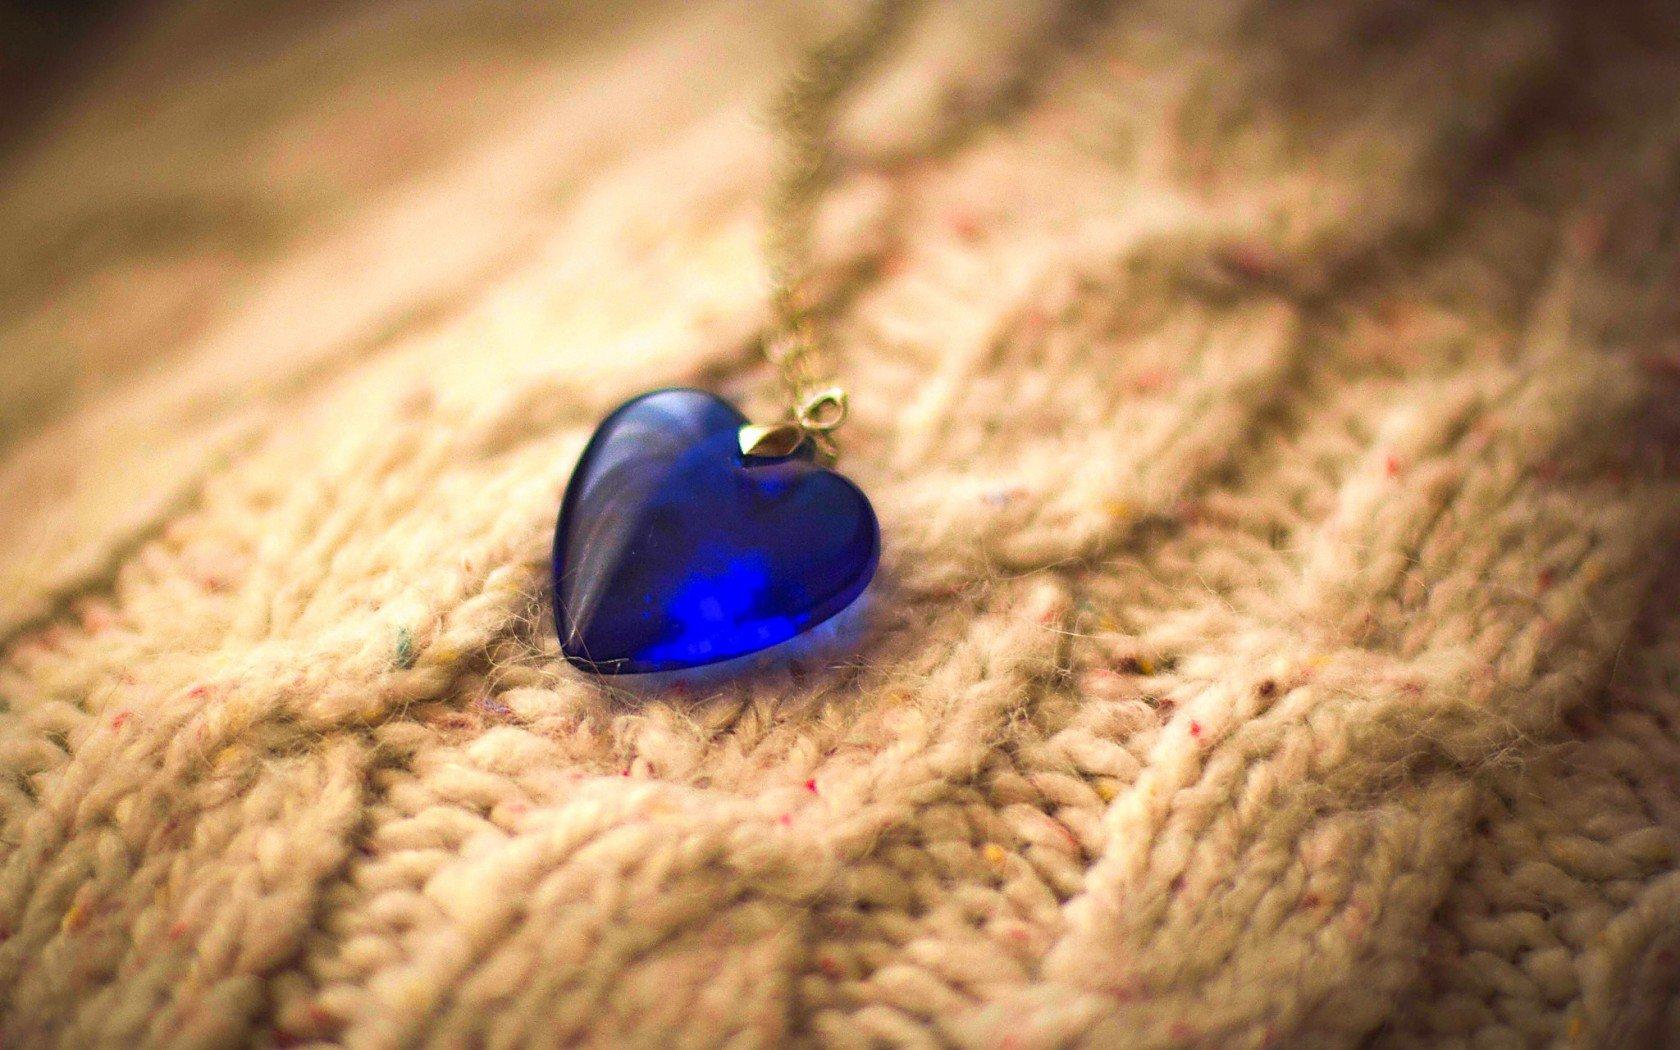 صور قلوب وحب ورومانسية وصورة قلب HD  (21)